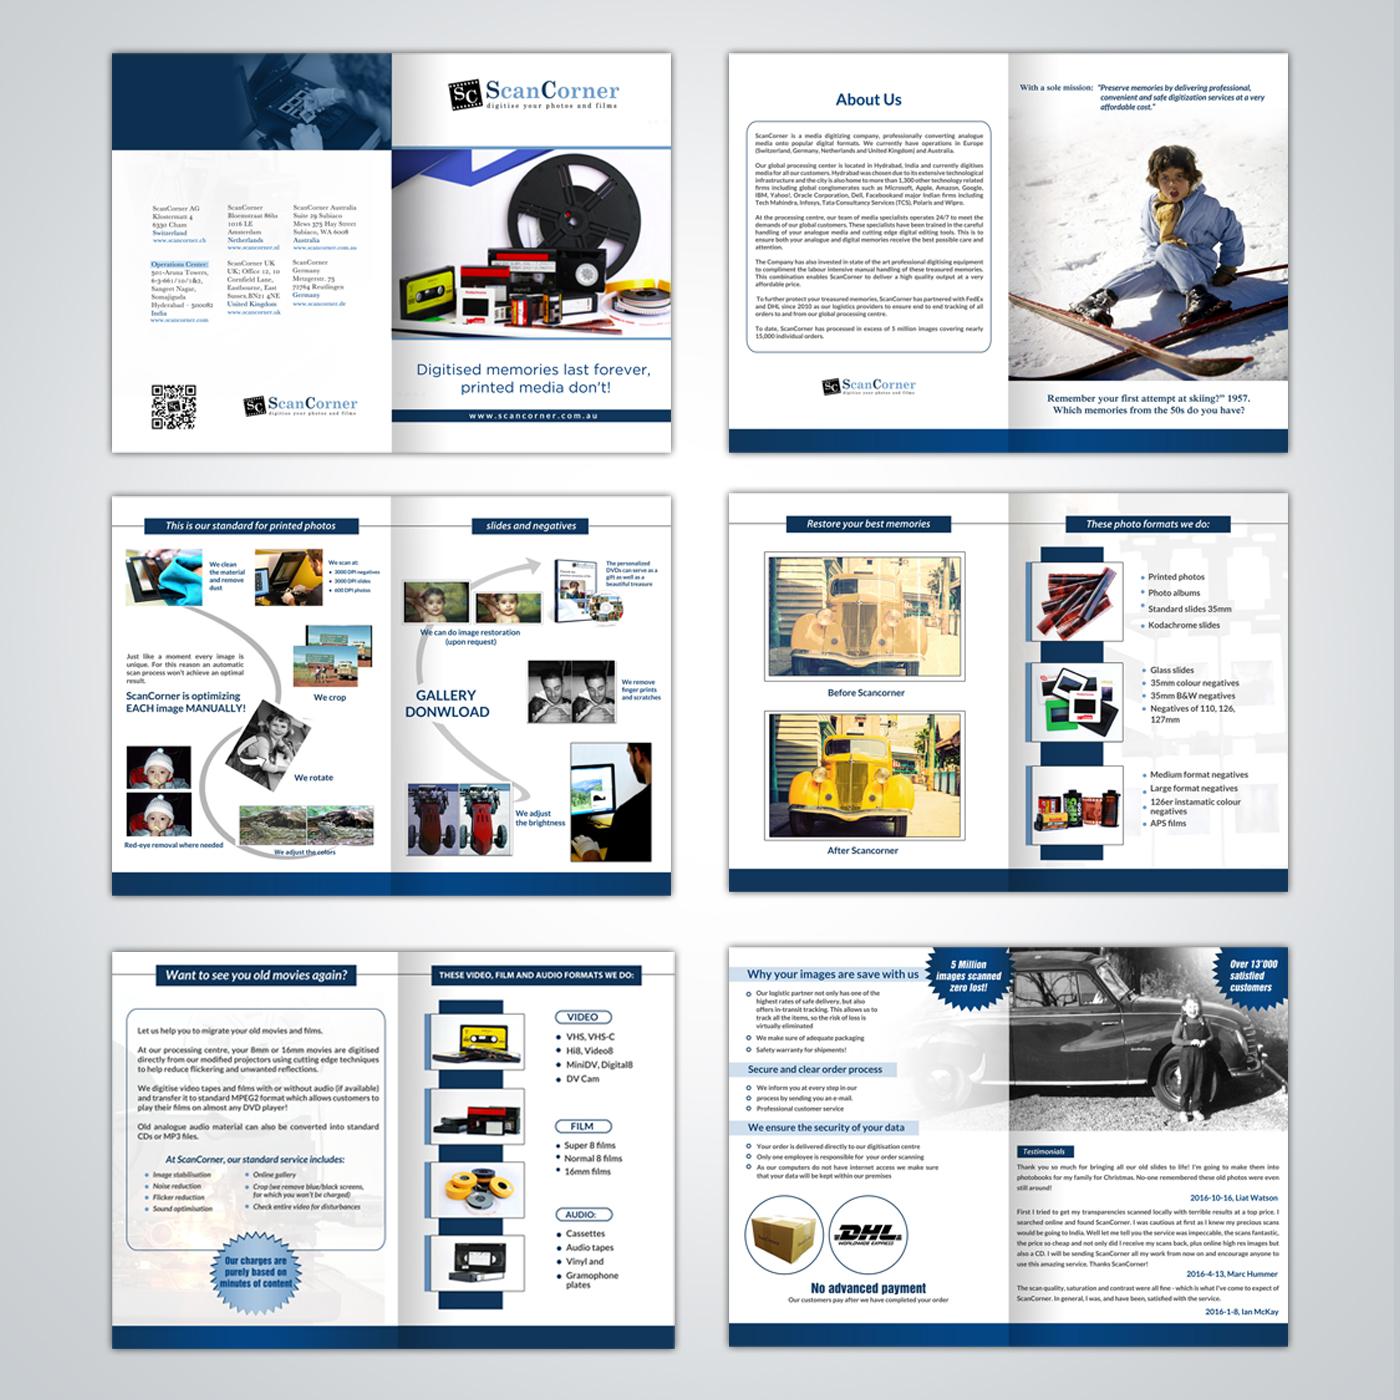 Professional Serious Digital Imaging Brochure Design For Scancorner Ag By Debdesign Design 12565520